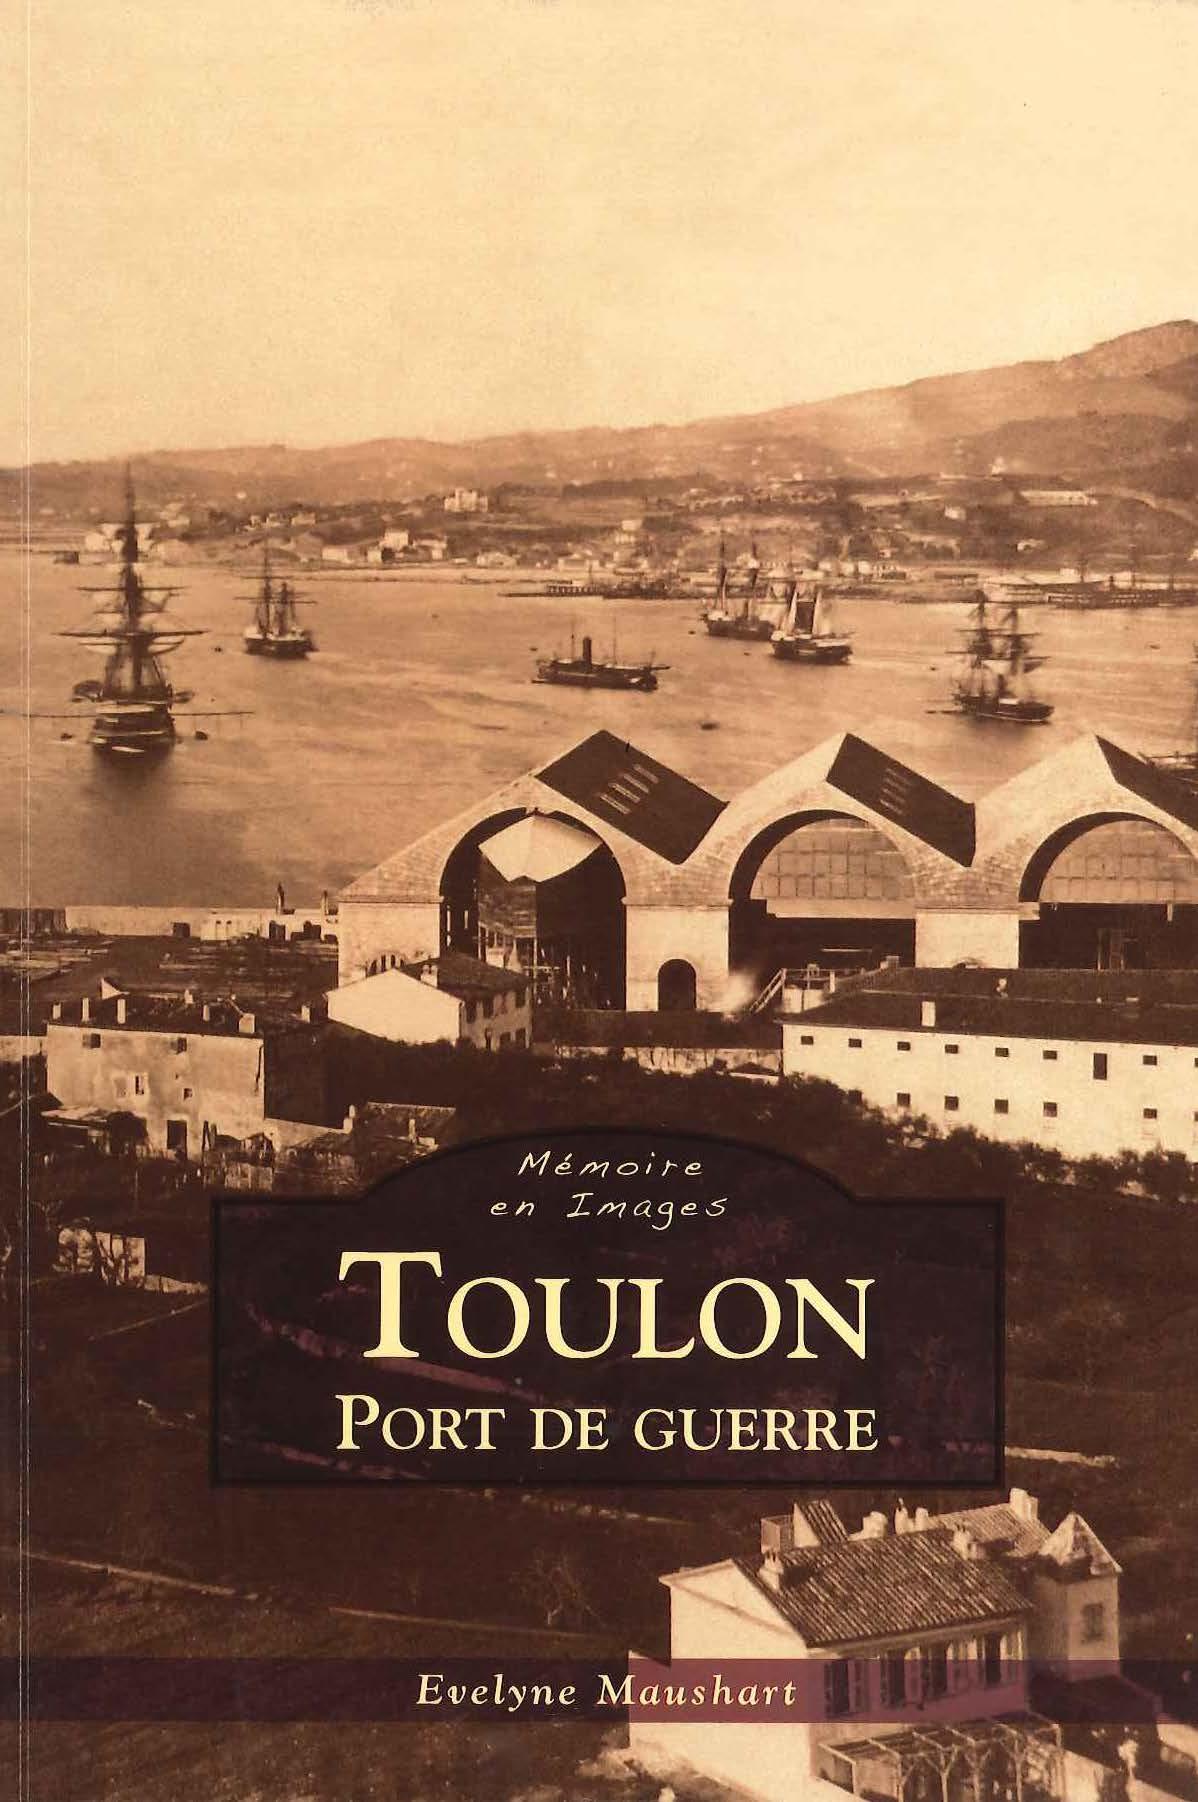 Toulon port de guerre